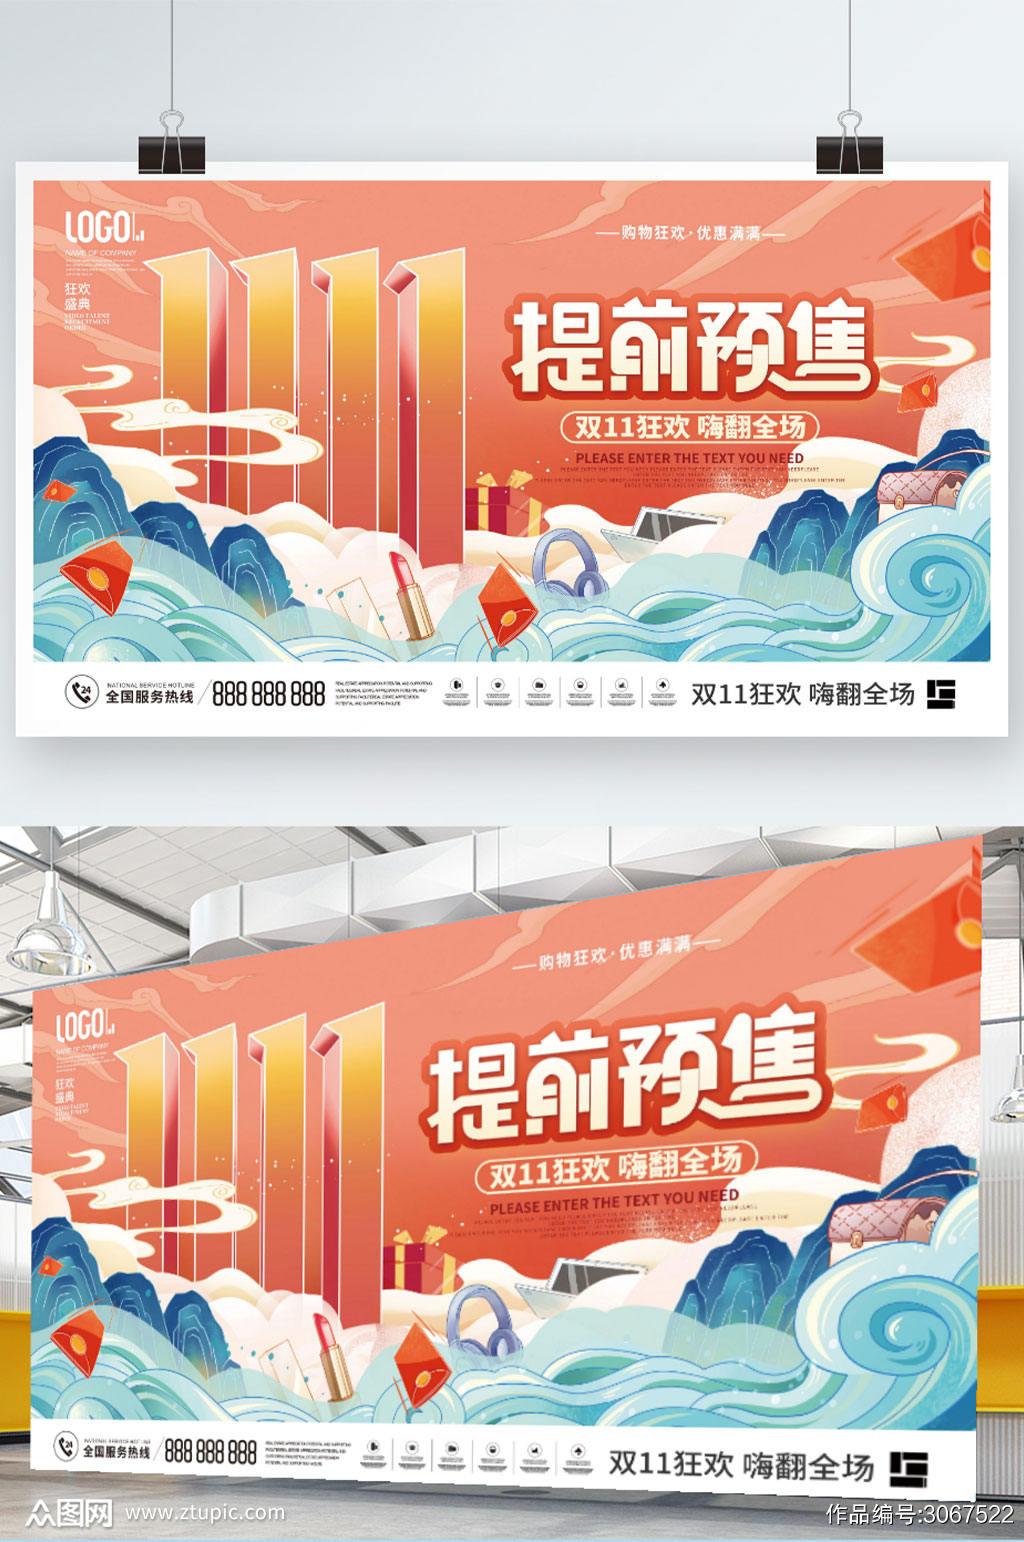 简约插画国潮风双十一趋势预售预告促销展板素材